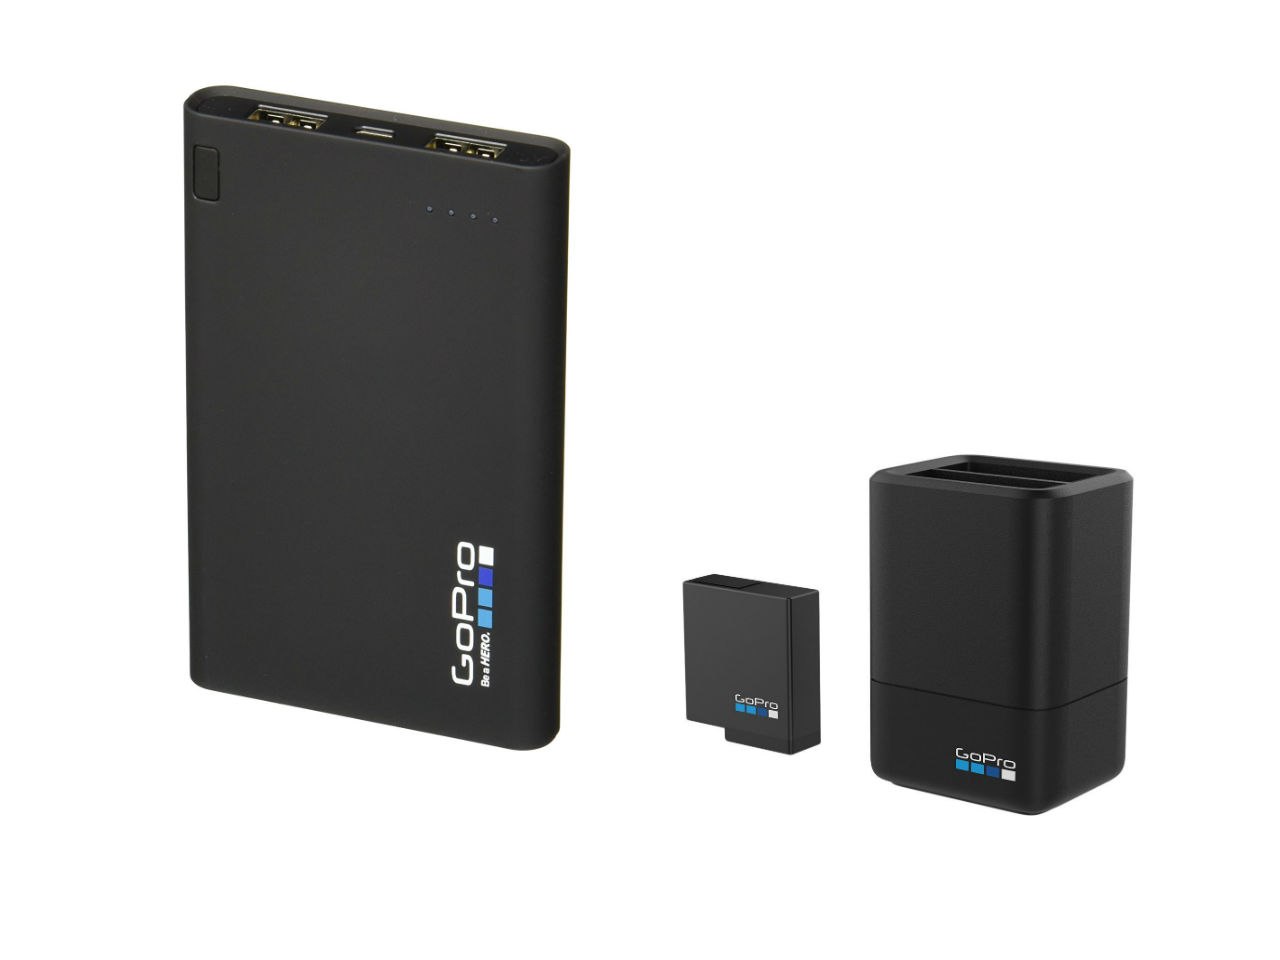 GoProのモバイルチャージャーか予備バッテリーは旅をする上で必須な理由